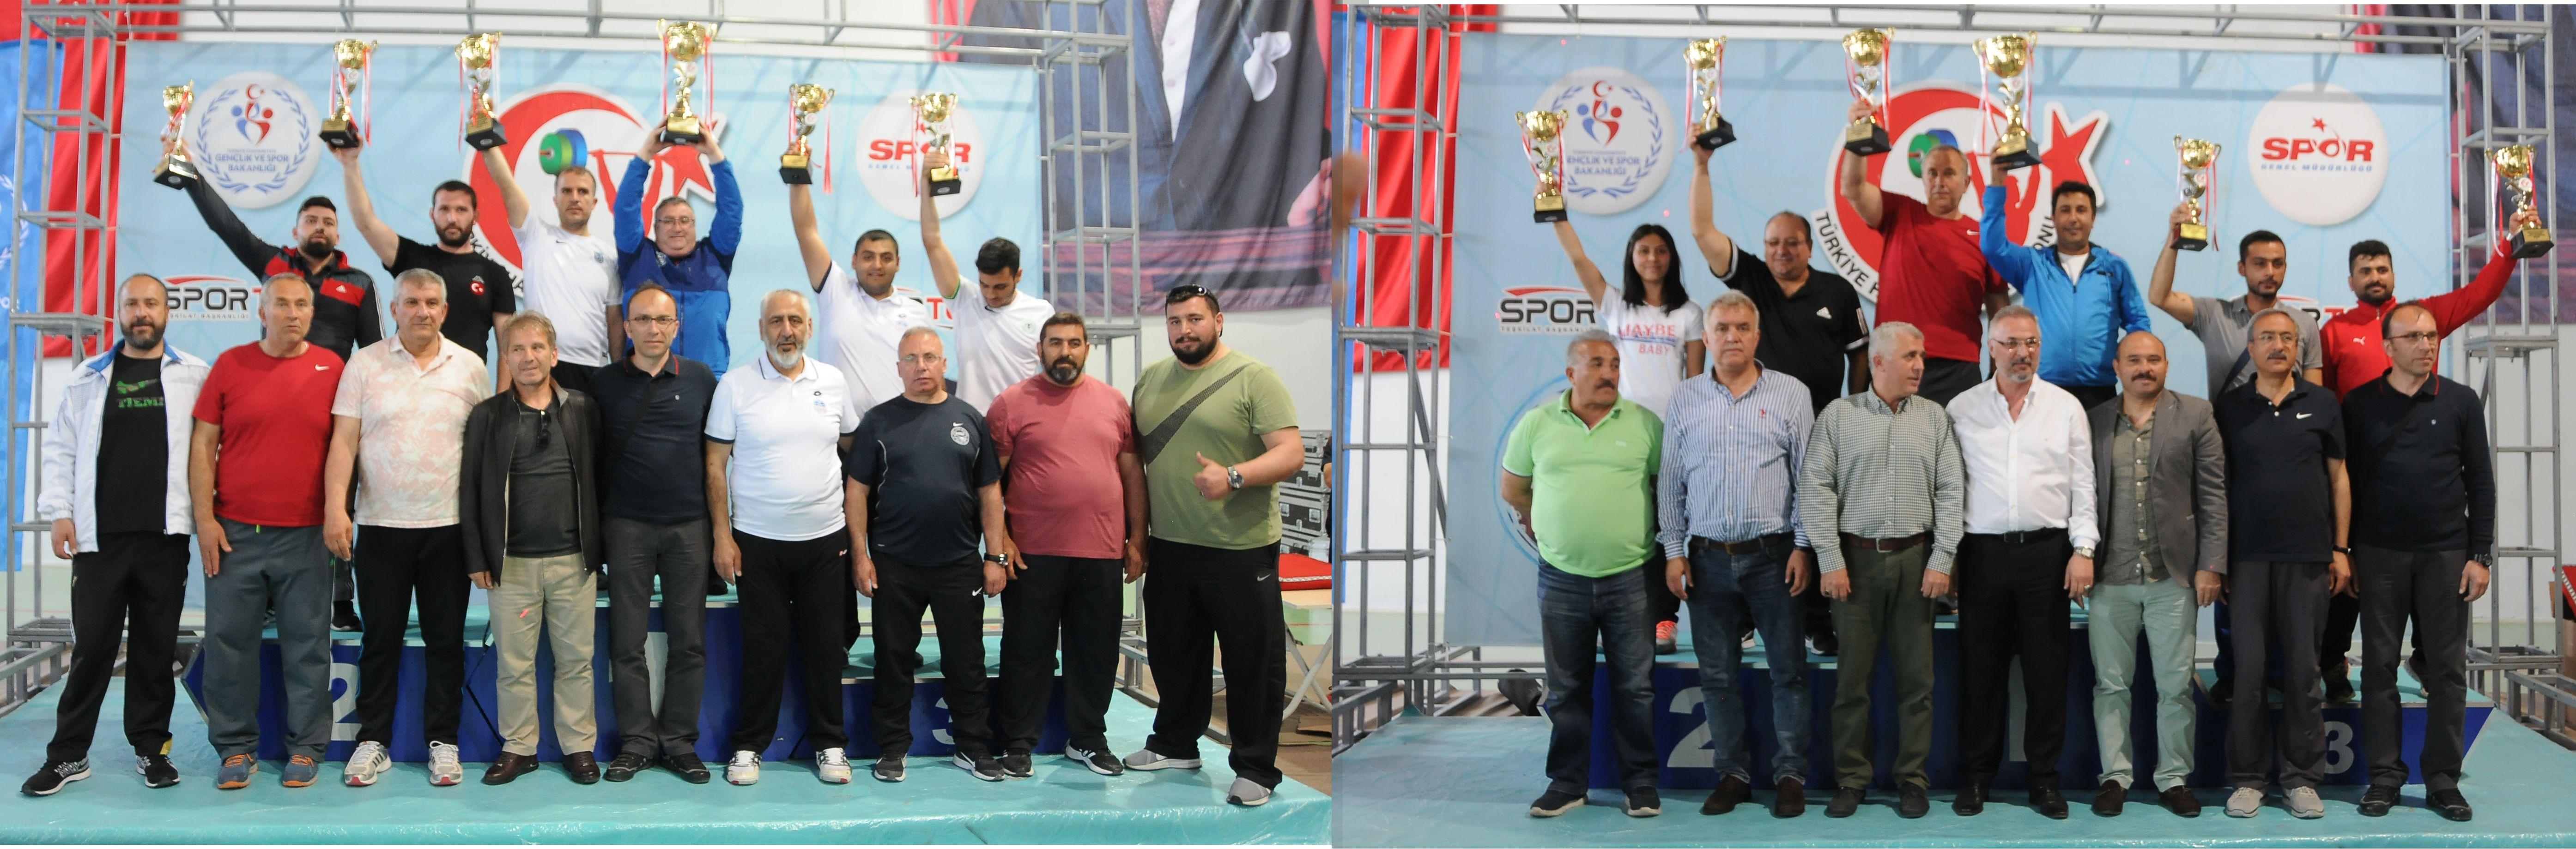 Erkekler Kategorisinde Ankara Aski Spor Kulubü , Bayanlar Kategorisi Şampiyonu Gaziantep Halter İhtisas Spor Kulübü Şampiyon oldu.